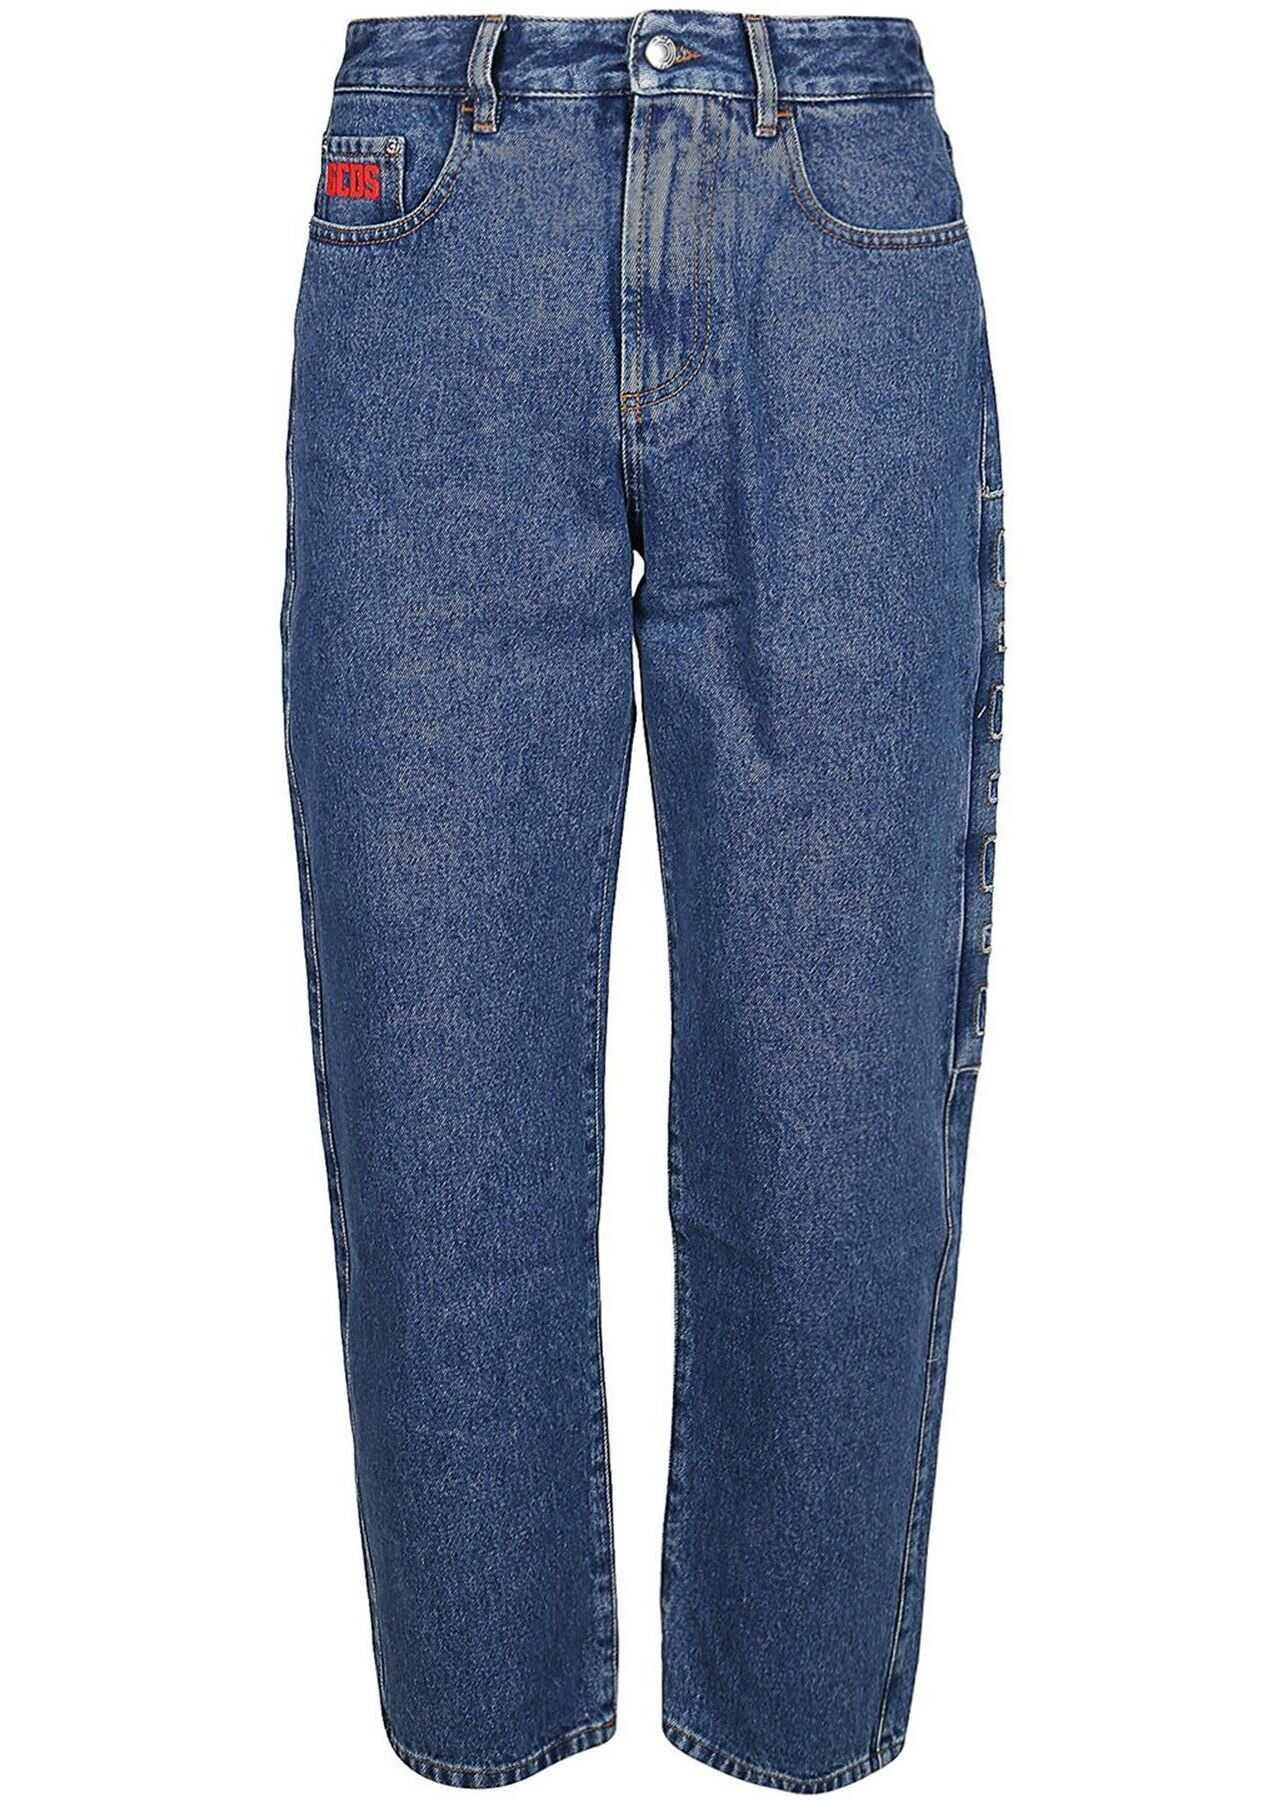 GCDS Logo Patch Boyfriend Jeans In Blue Blue imagine